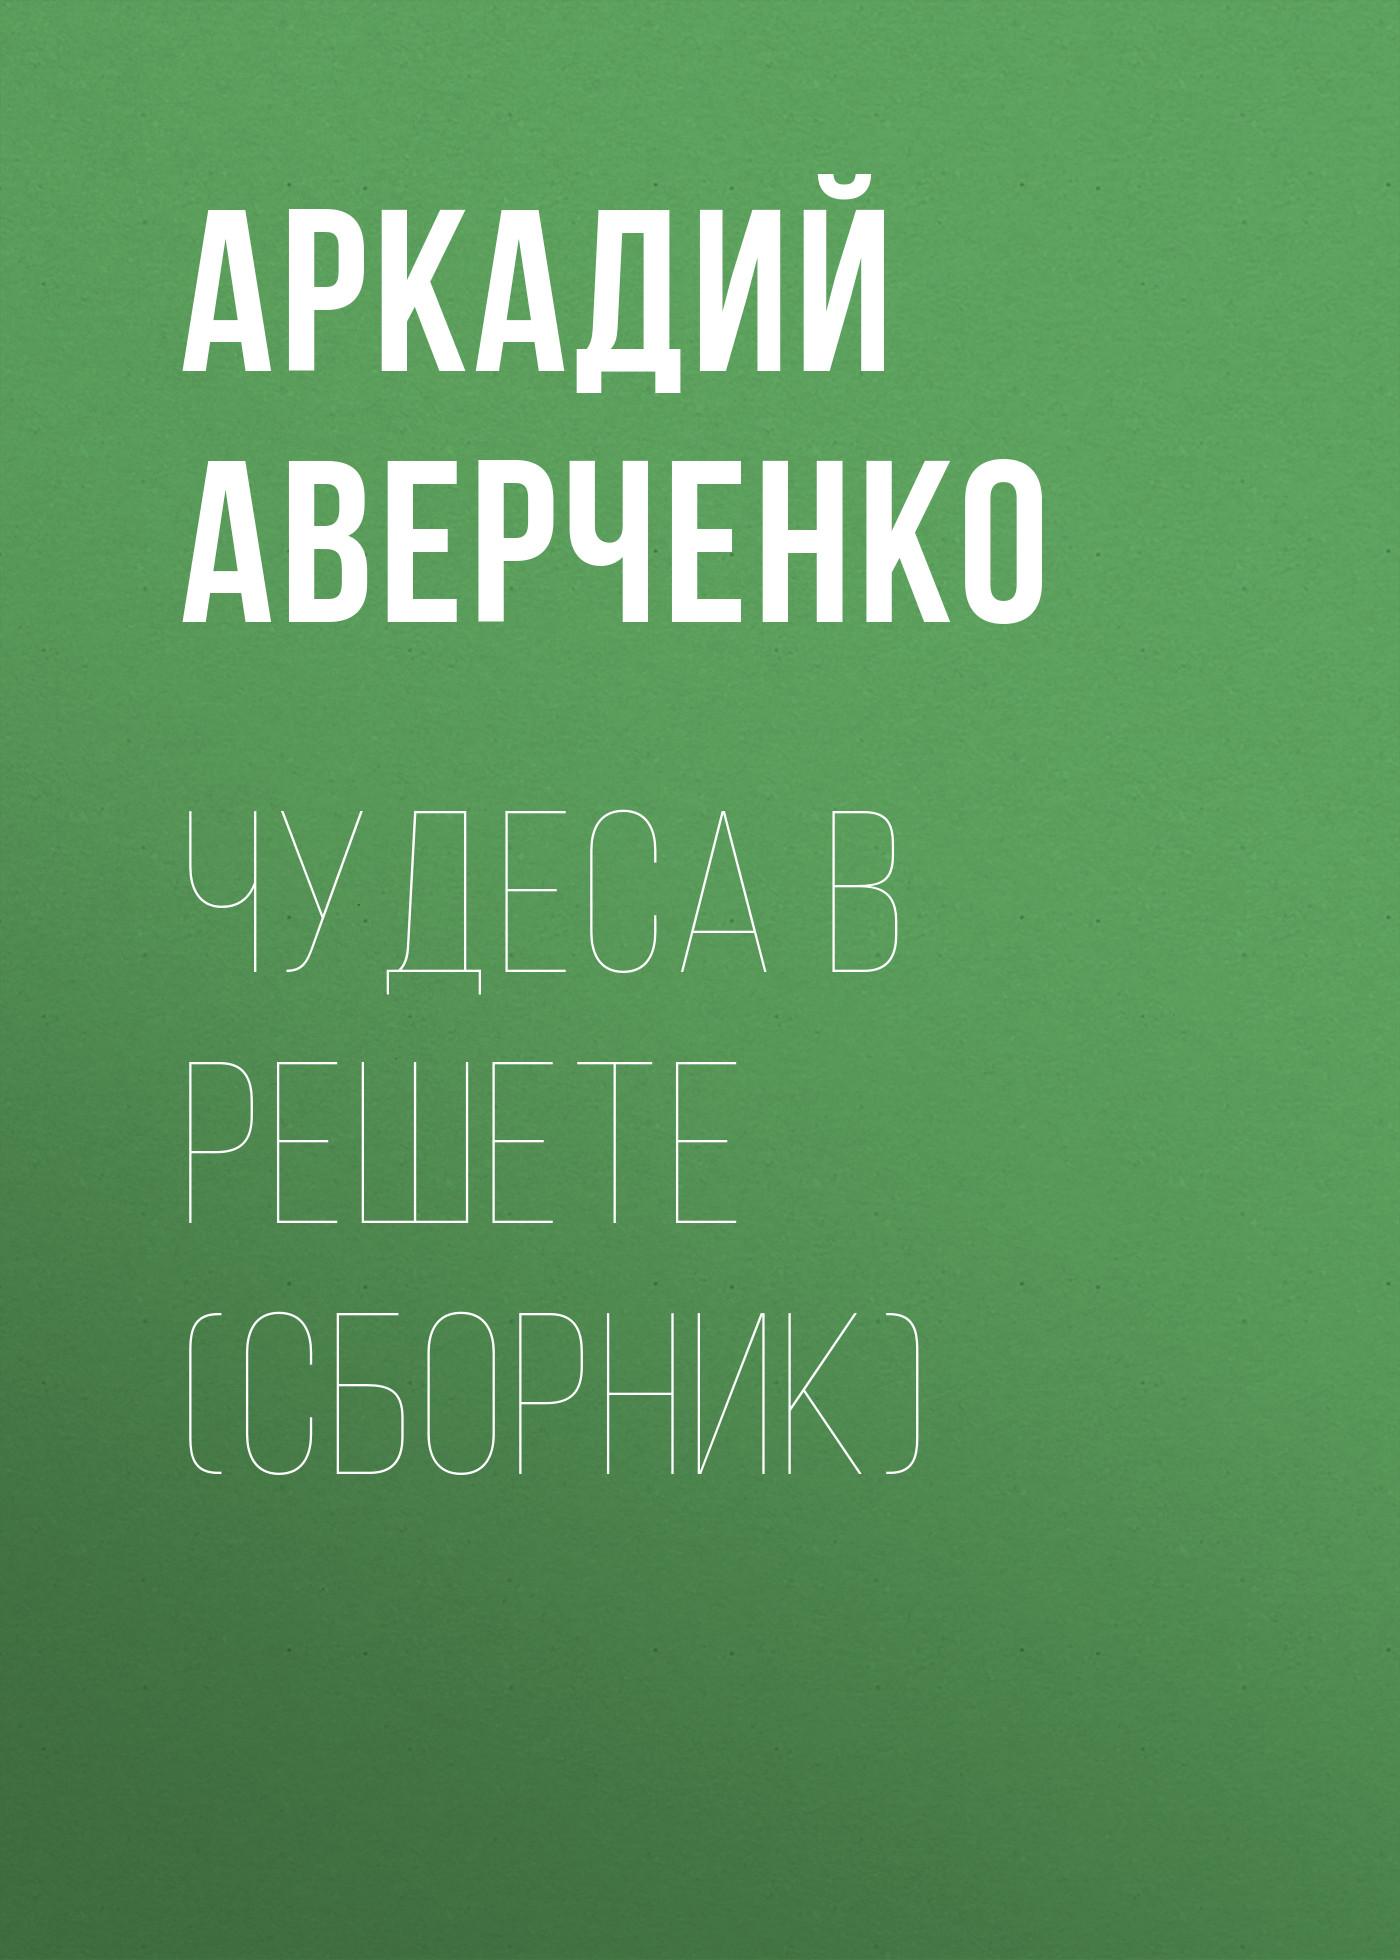 Аркадий Аверченко Чудеса в решете (сборник) аверченко а в свободной россии